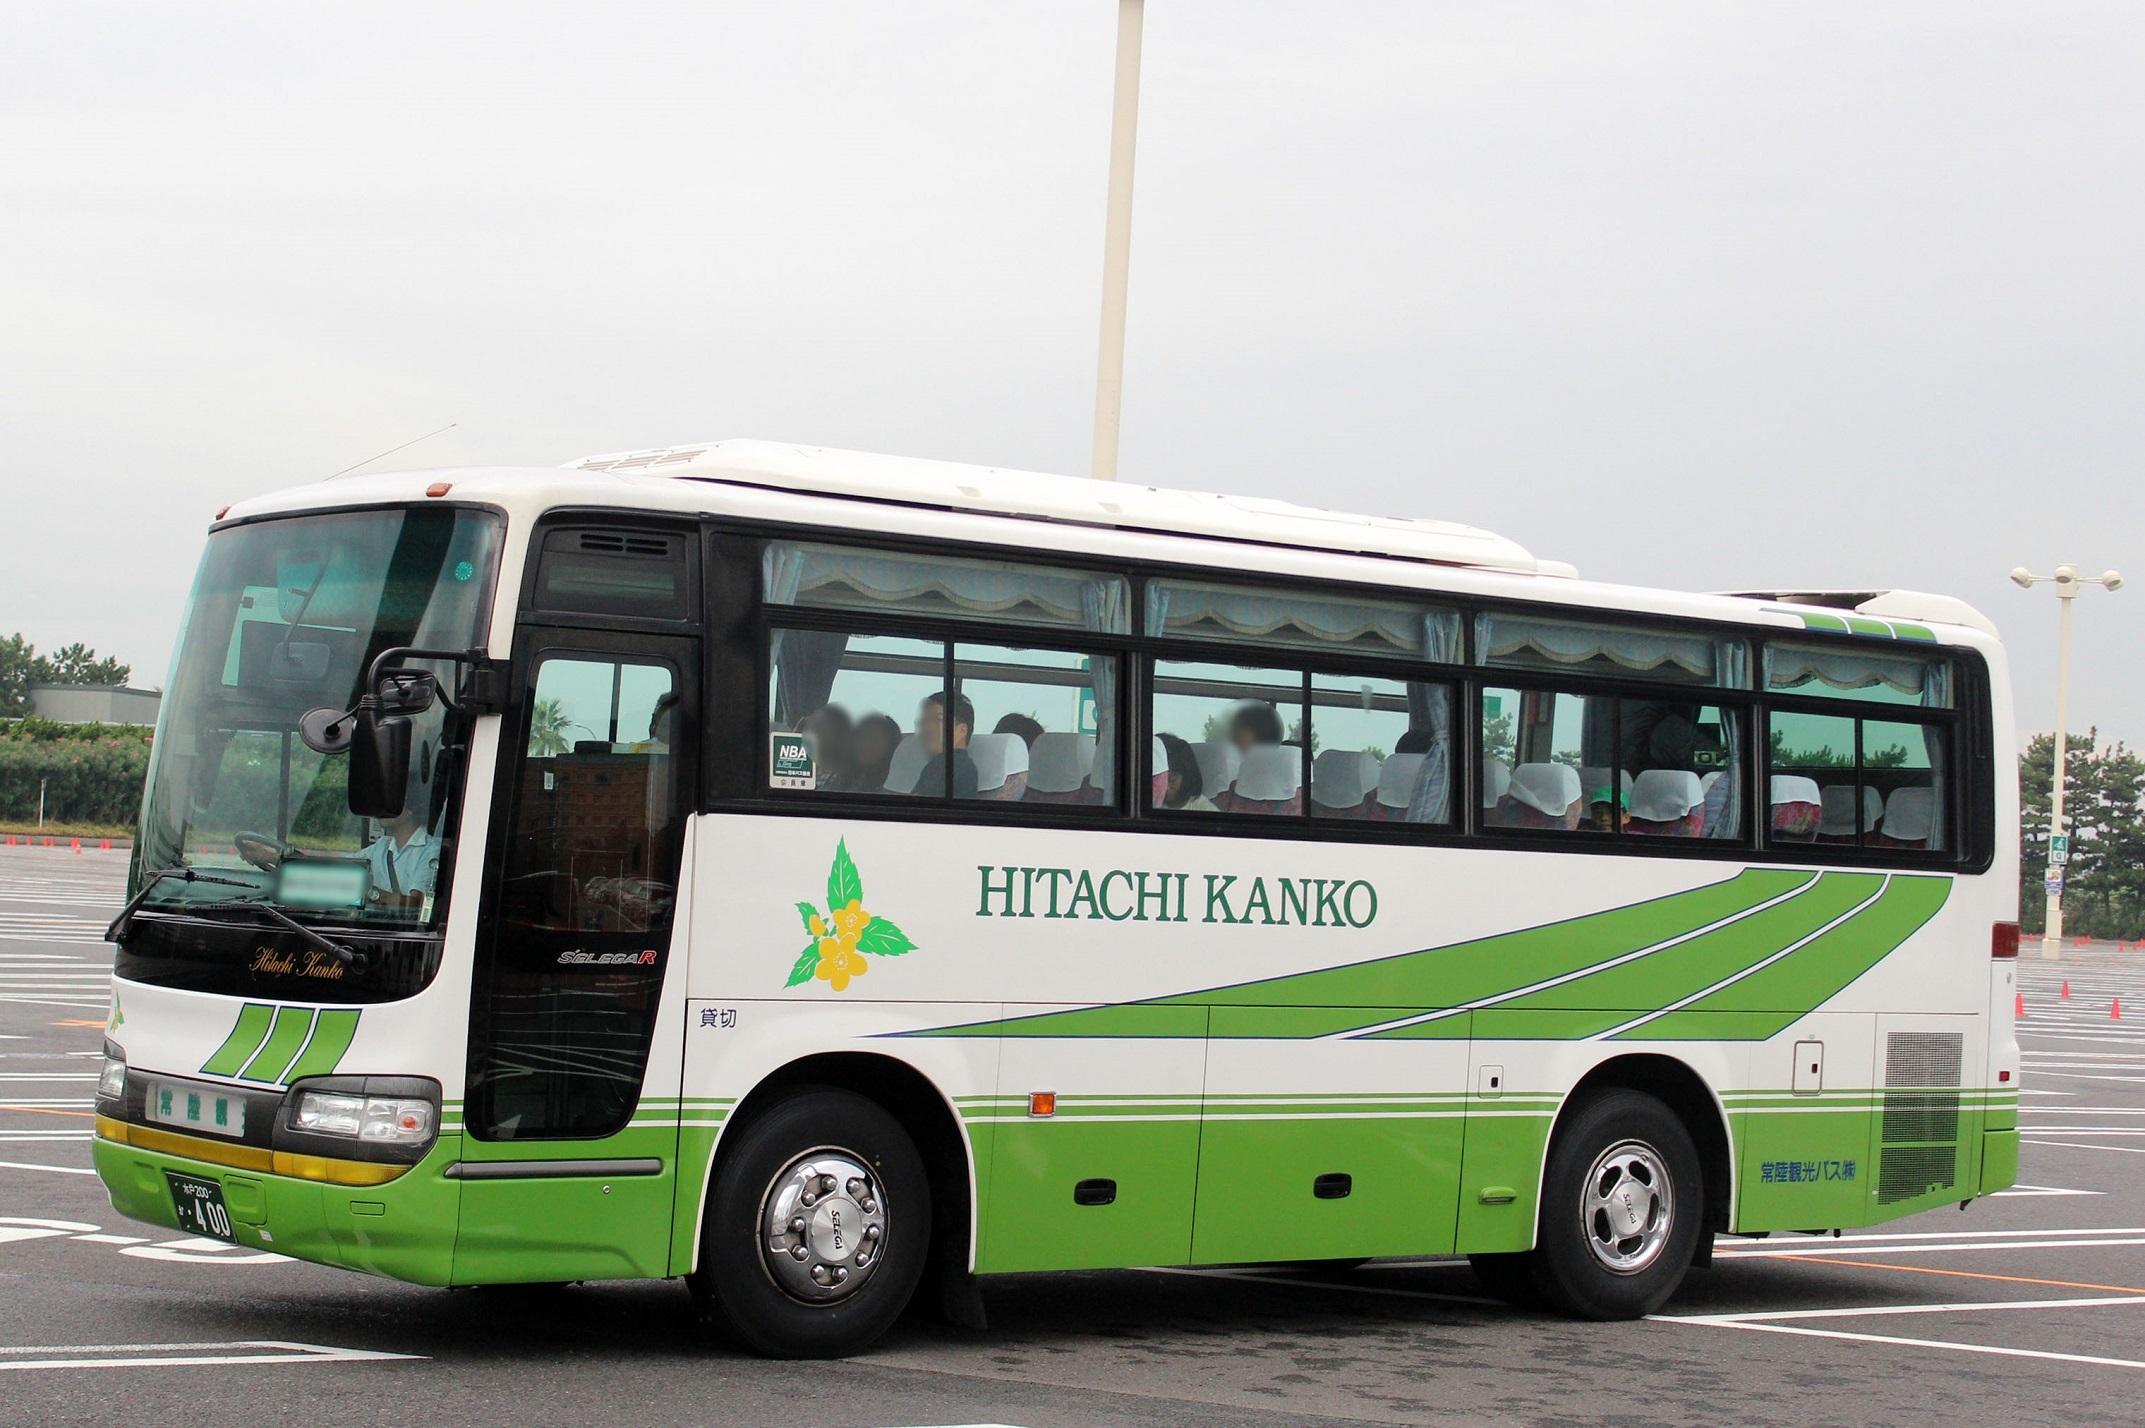 常陸観光バス か400